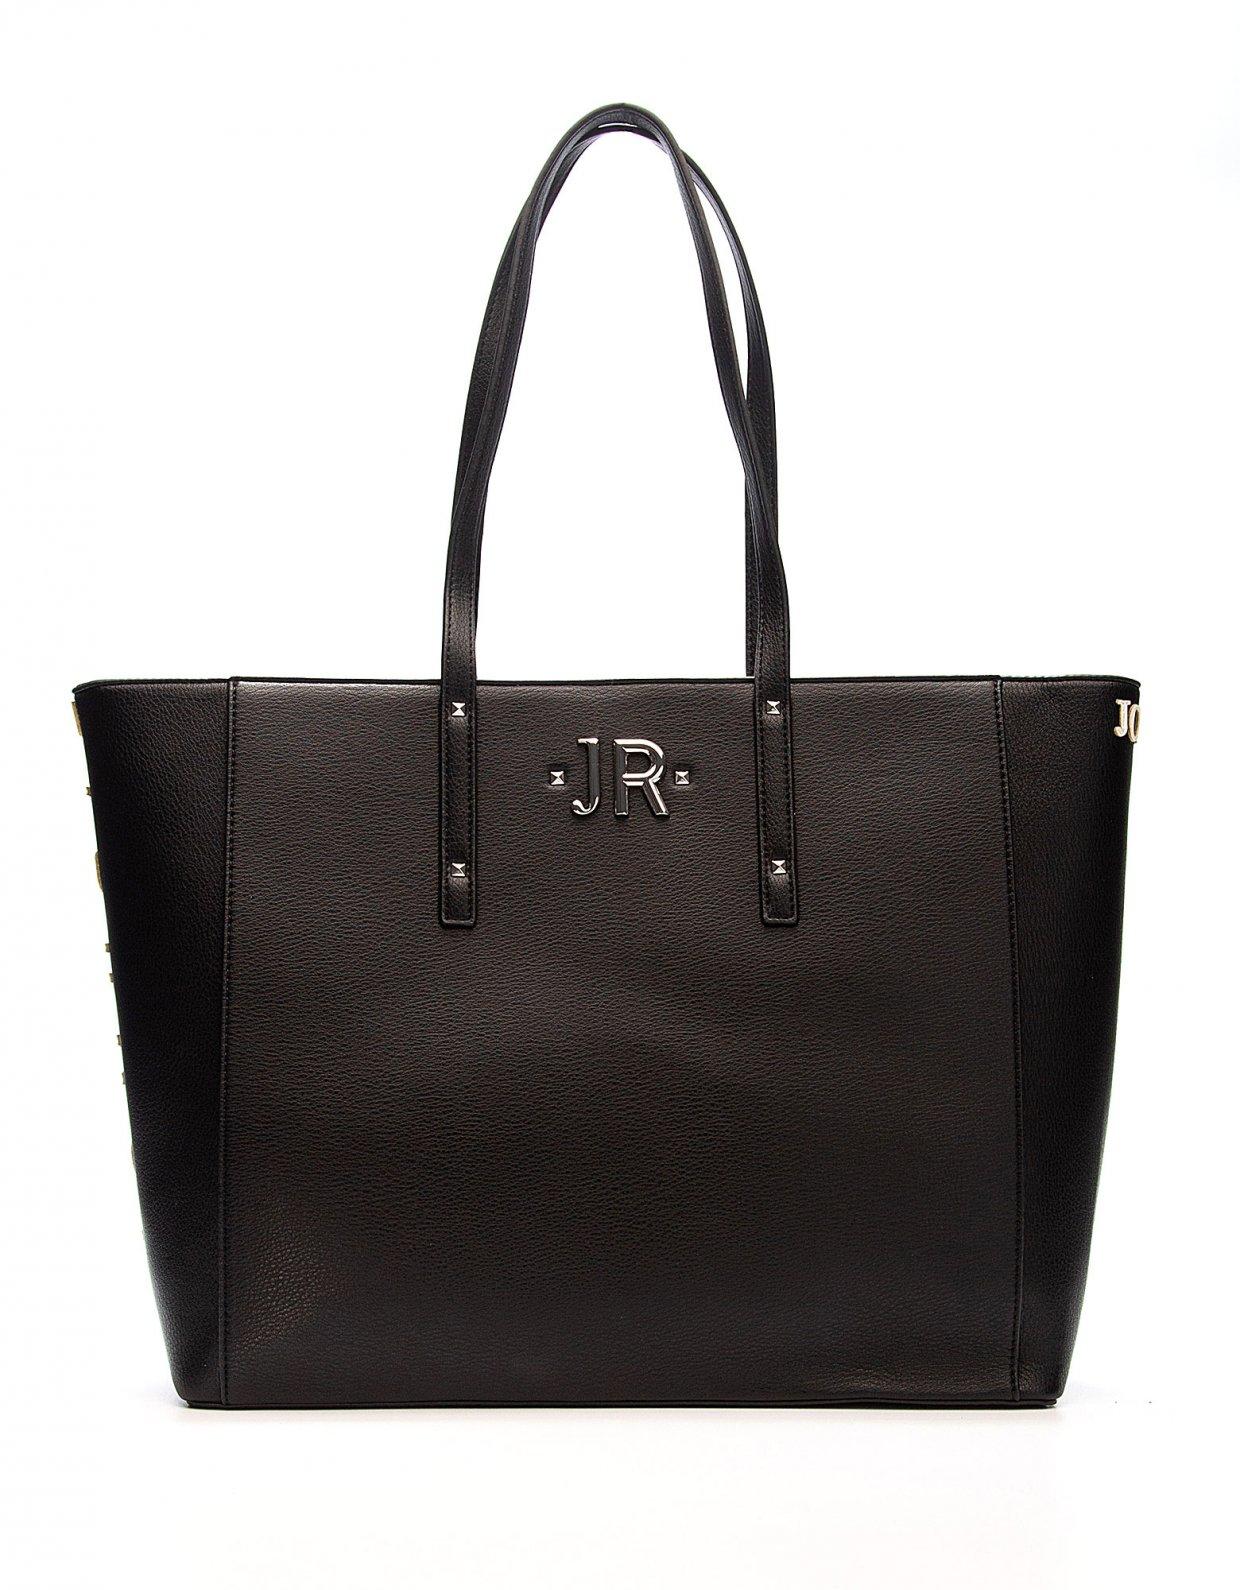 John Richmond Shopping bag Hunting black